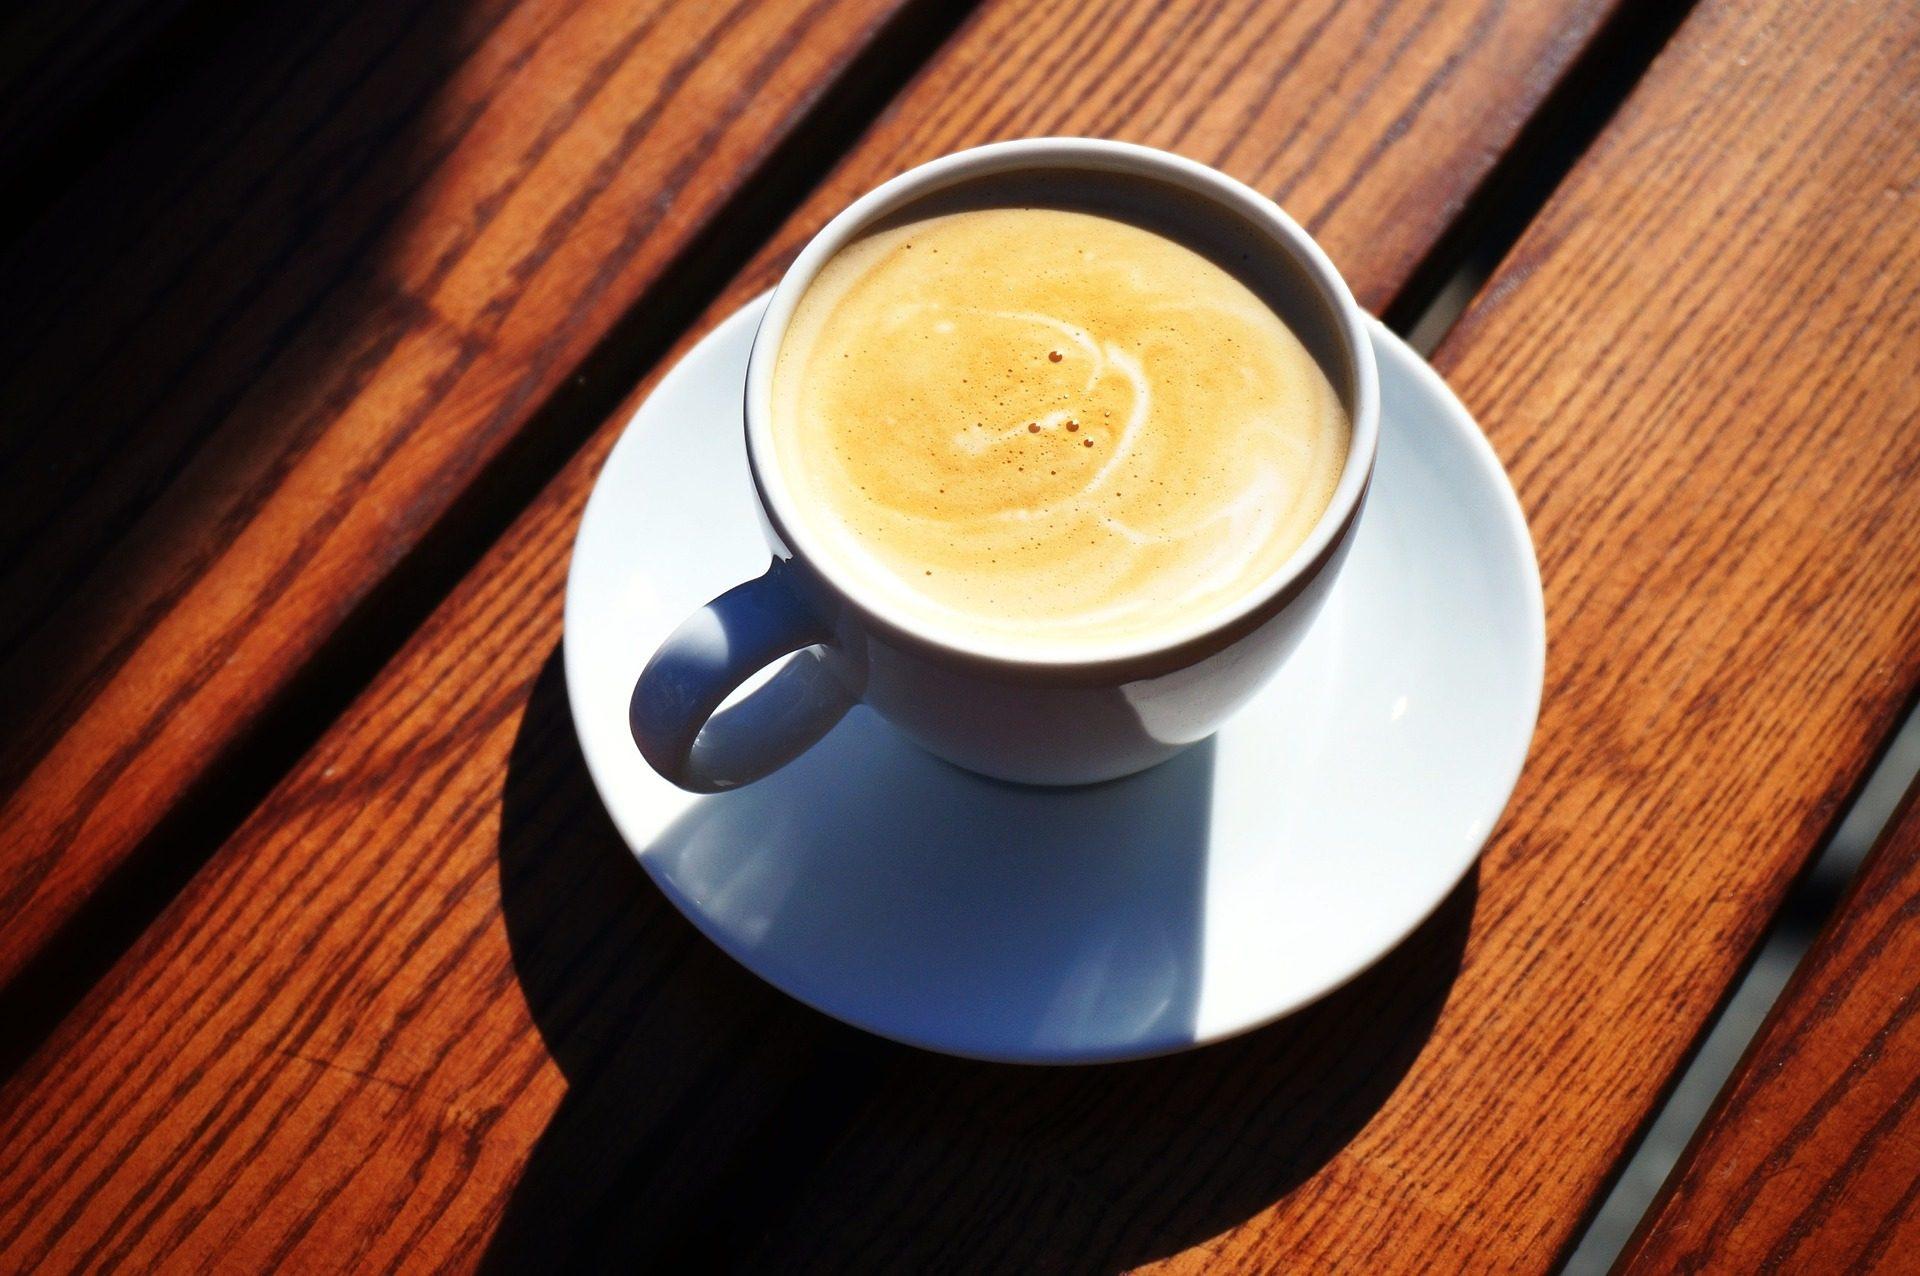 القهوة, كأس, إفطار, الرغوة, الشمس - خلفيات عالية الدقة - أستاذ falken.com